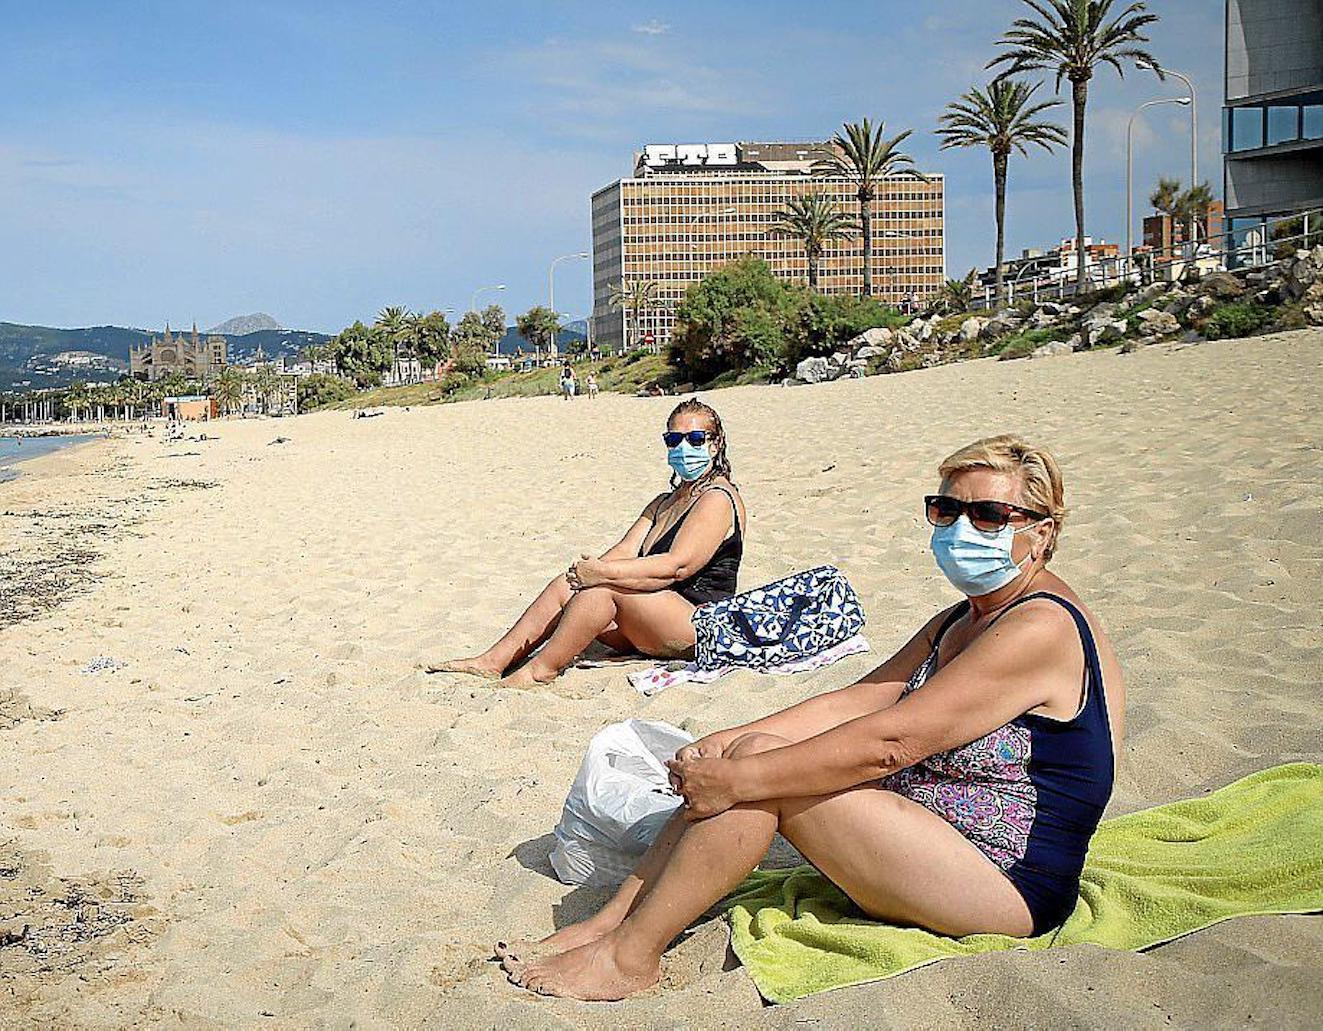 Sunbathers wearing masks.